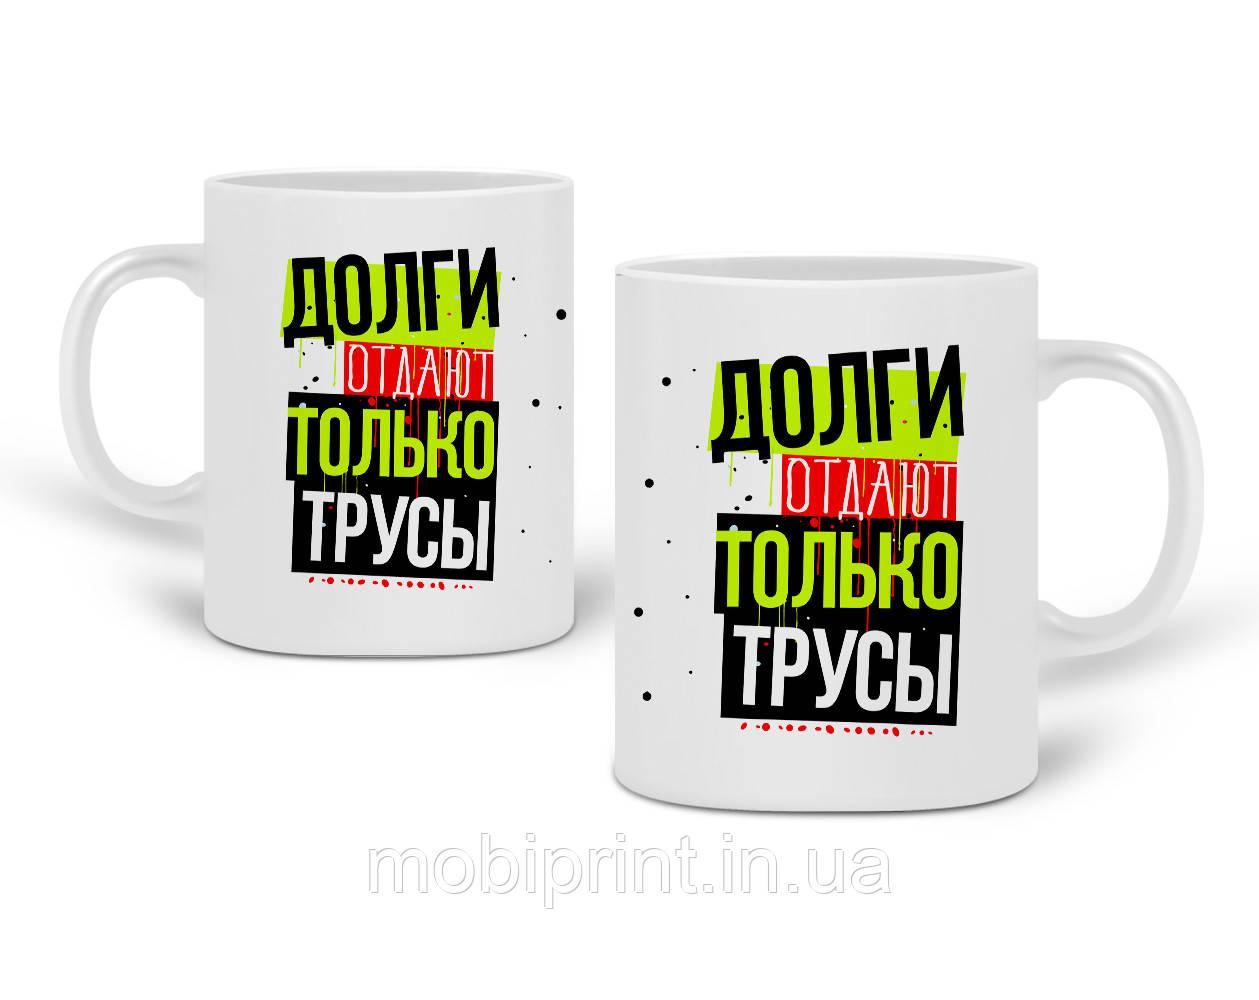 Кружка Долги отдают только трусы 330 мл Чашка Керамическая (20259-1277)